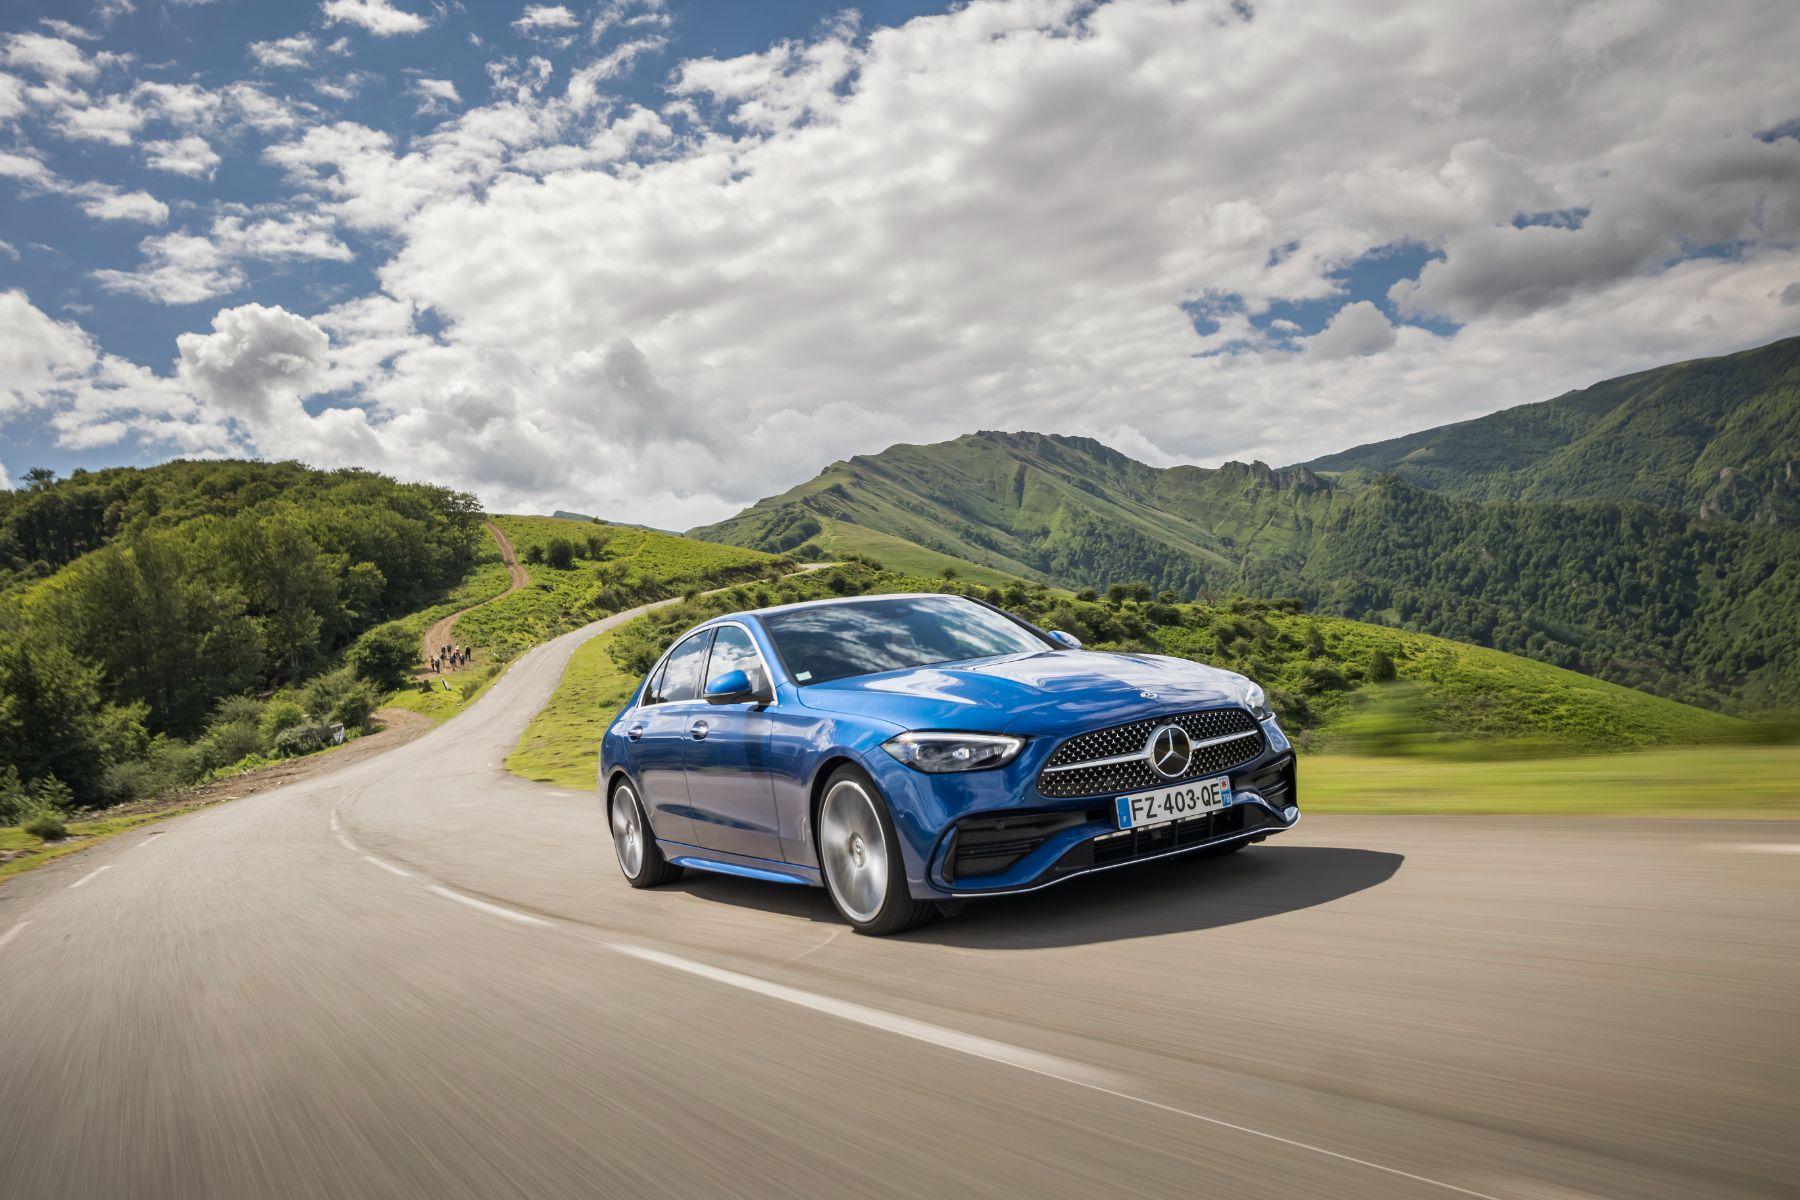 mercedes benz c 200 amg line modelo europeu azul em uma estrada de montanha